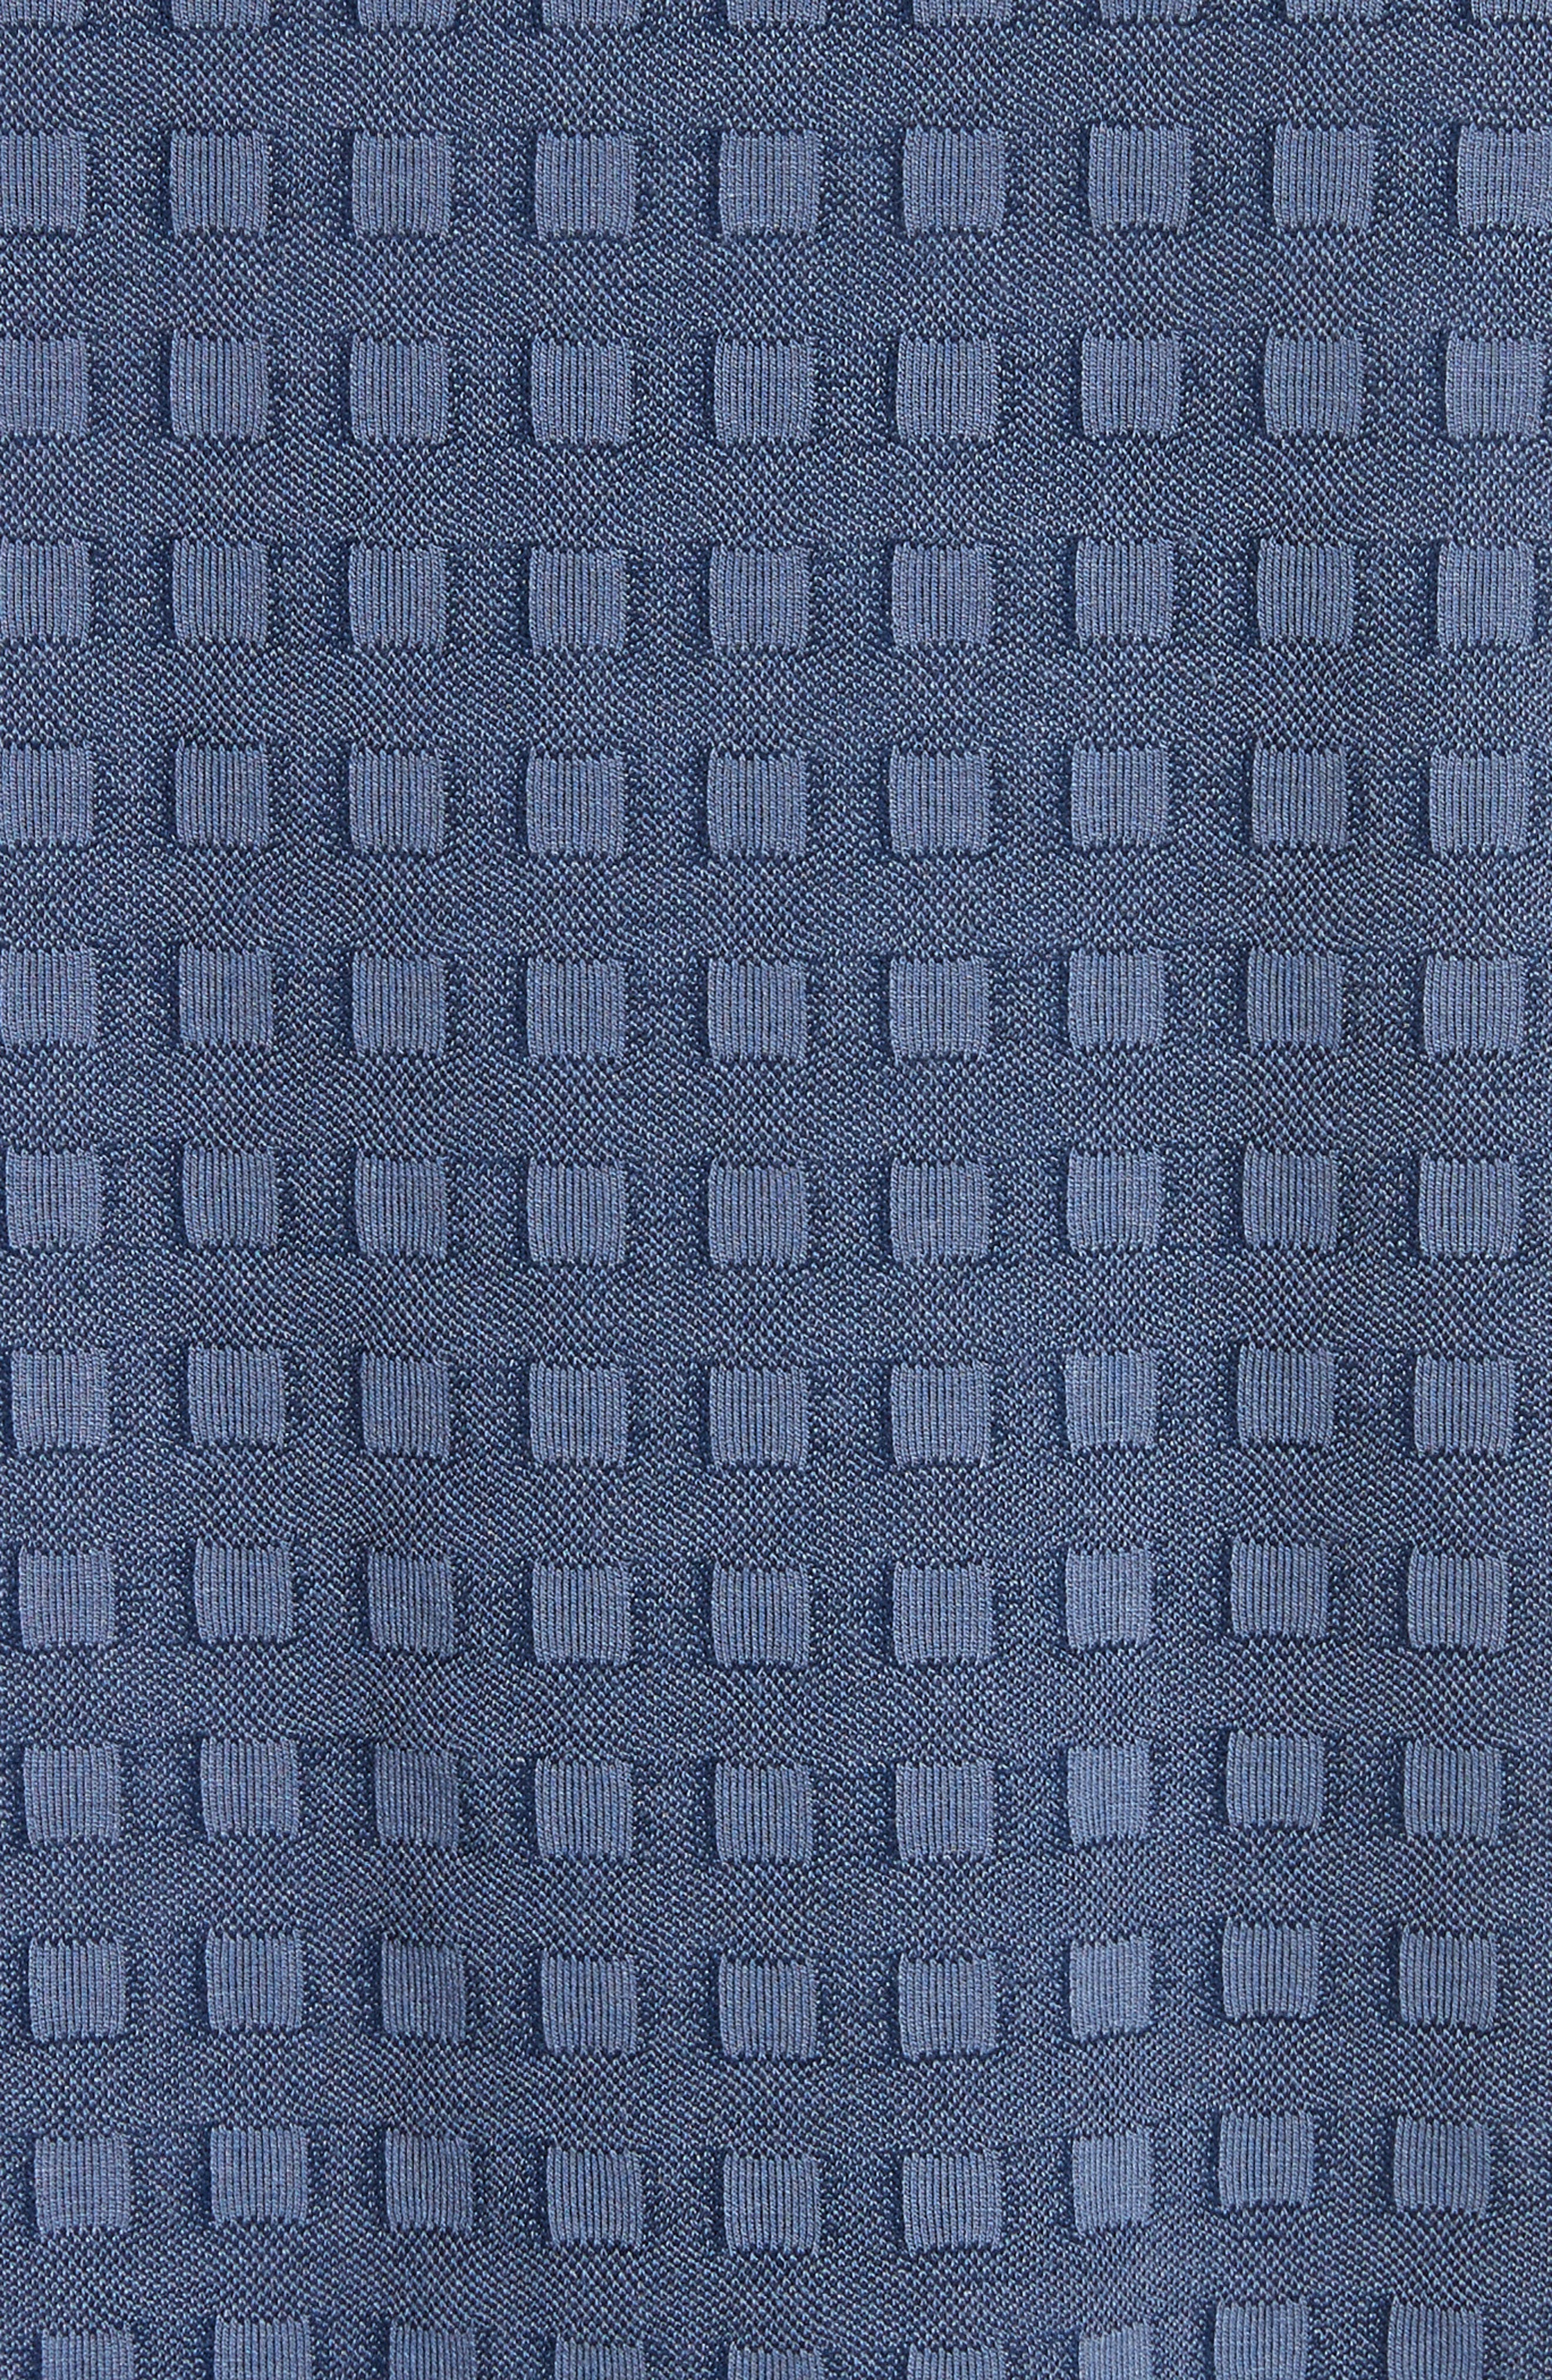 Slim Fit Geo Pattern Tee,                             Alternate thumbnail 5, color,                             400